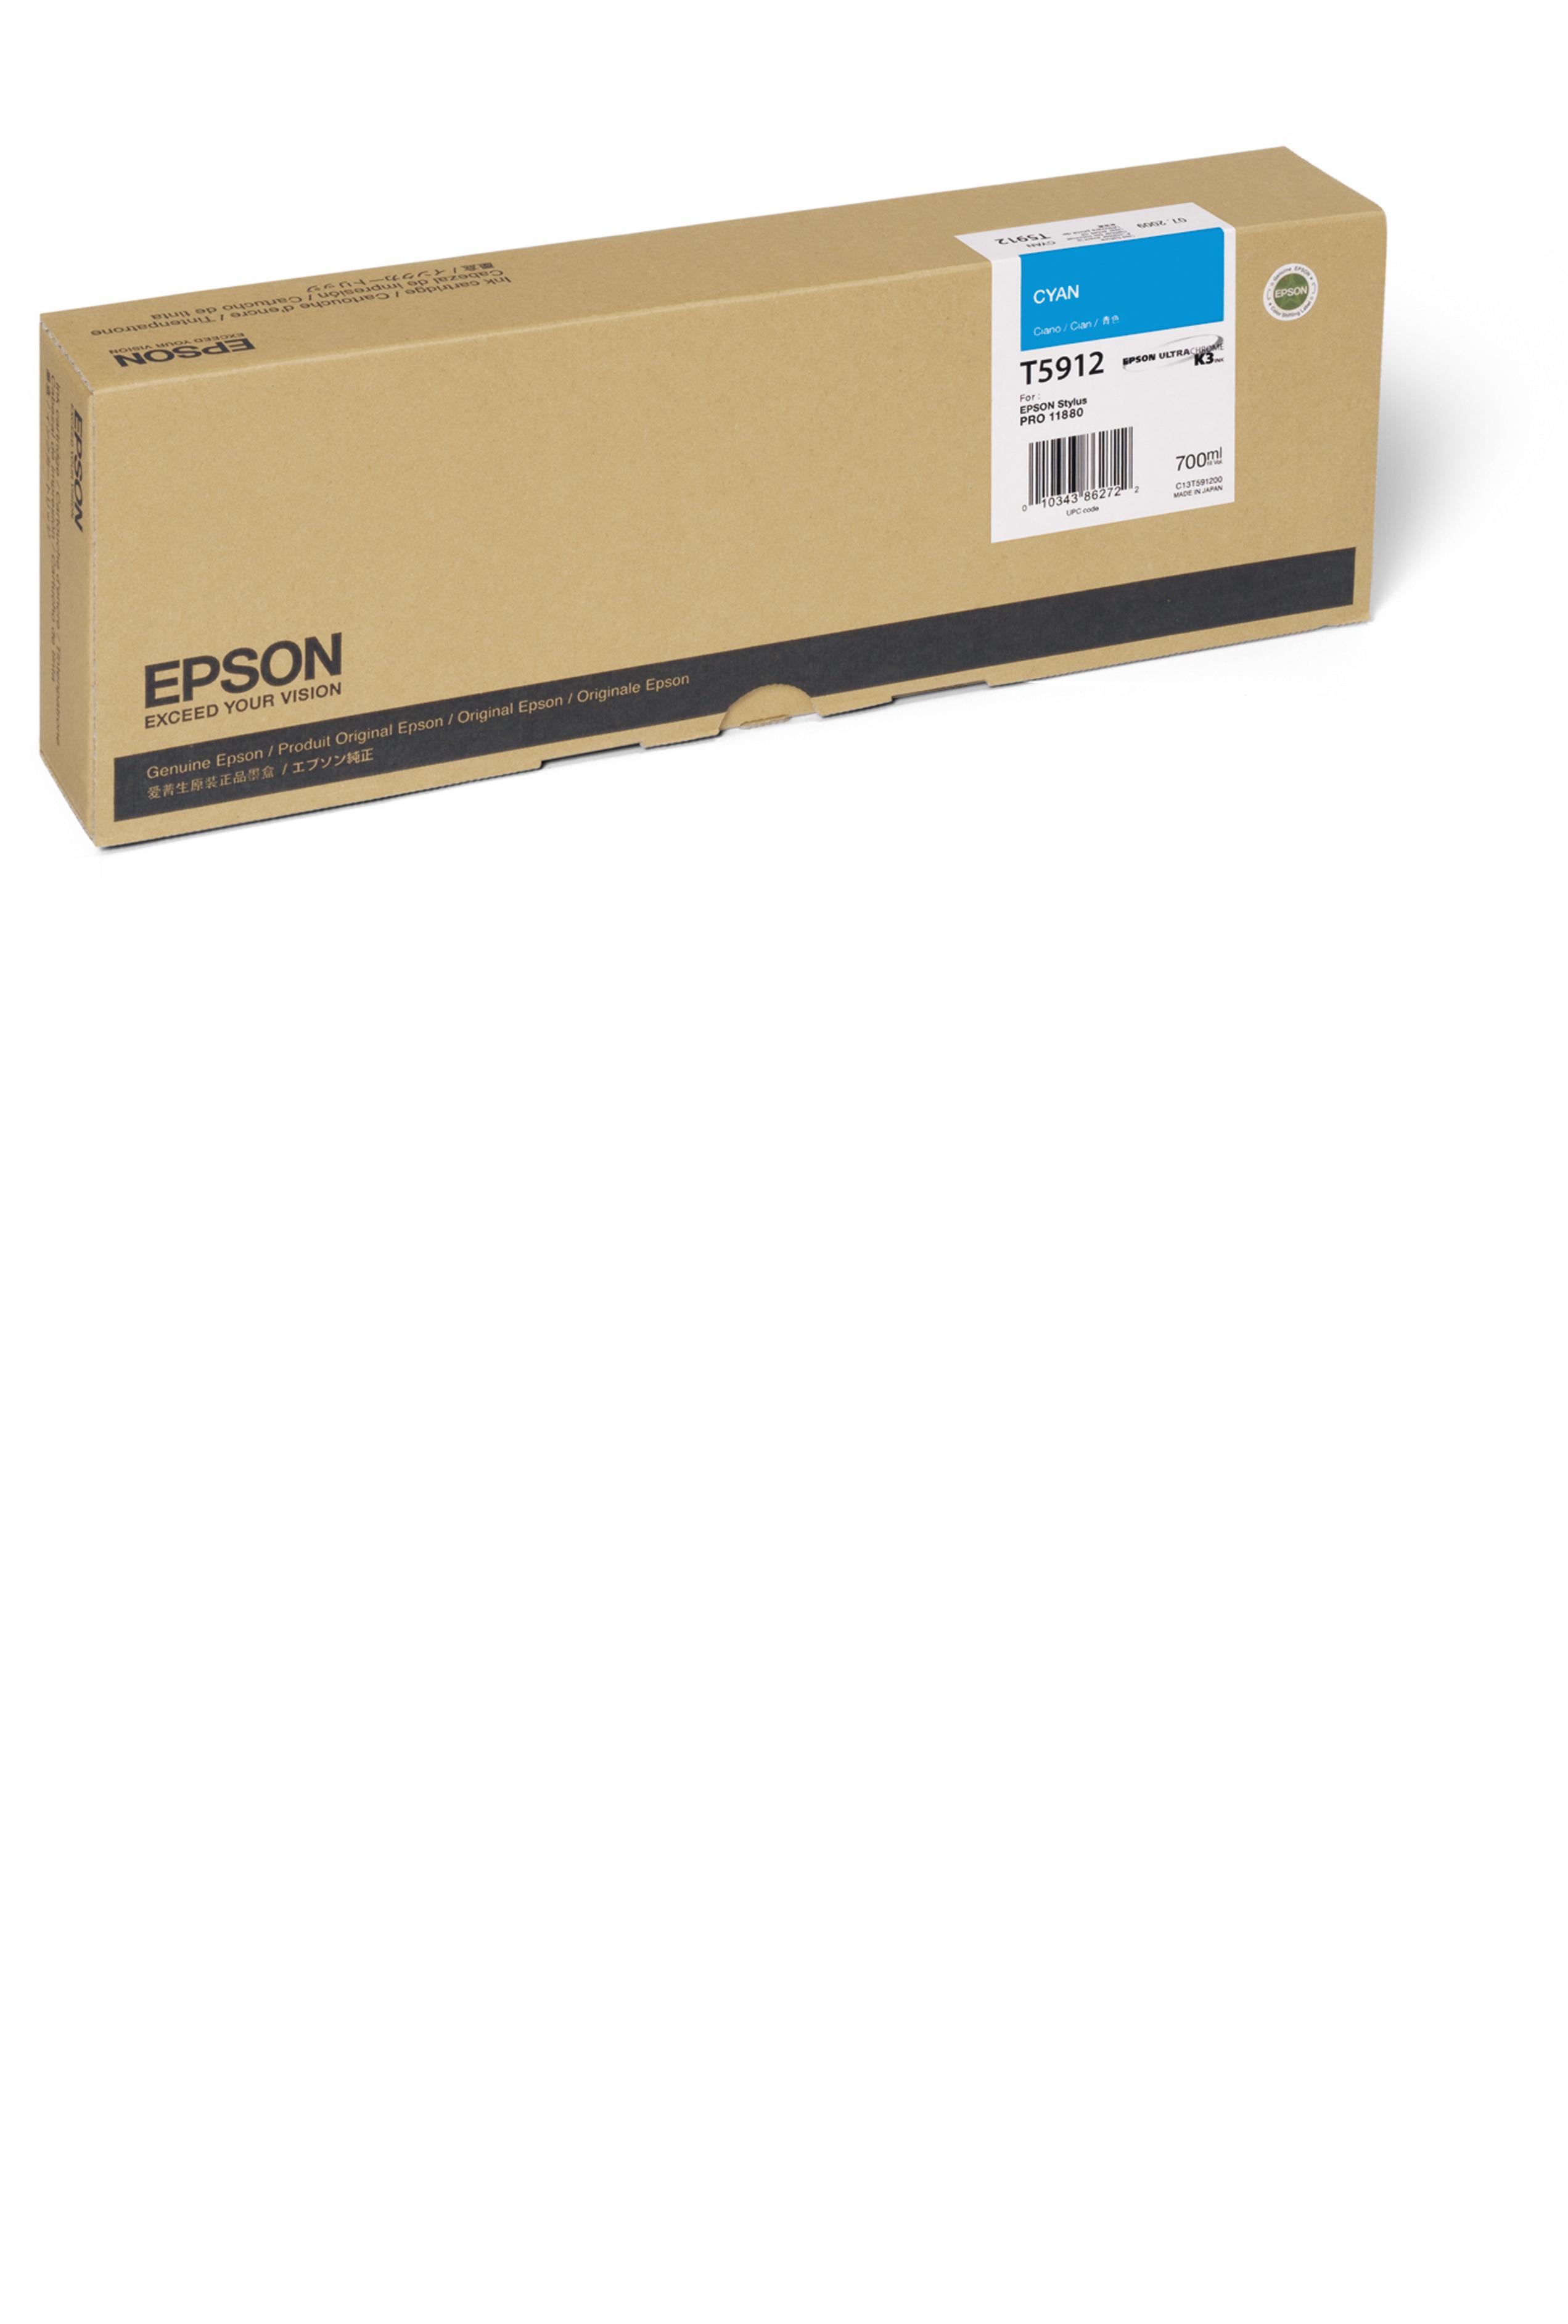 Epson EPSON HI CYAN INK (700 ML) (T591200)